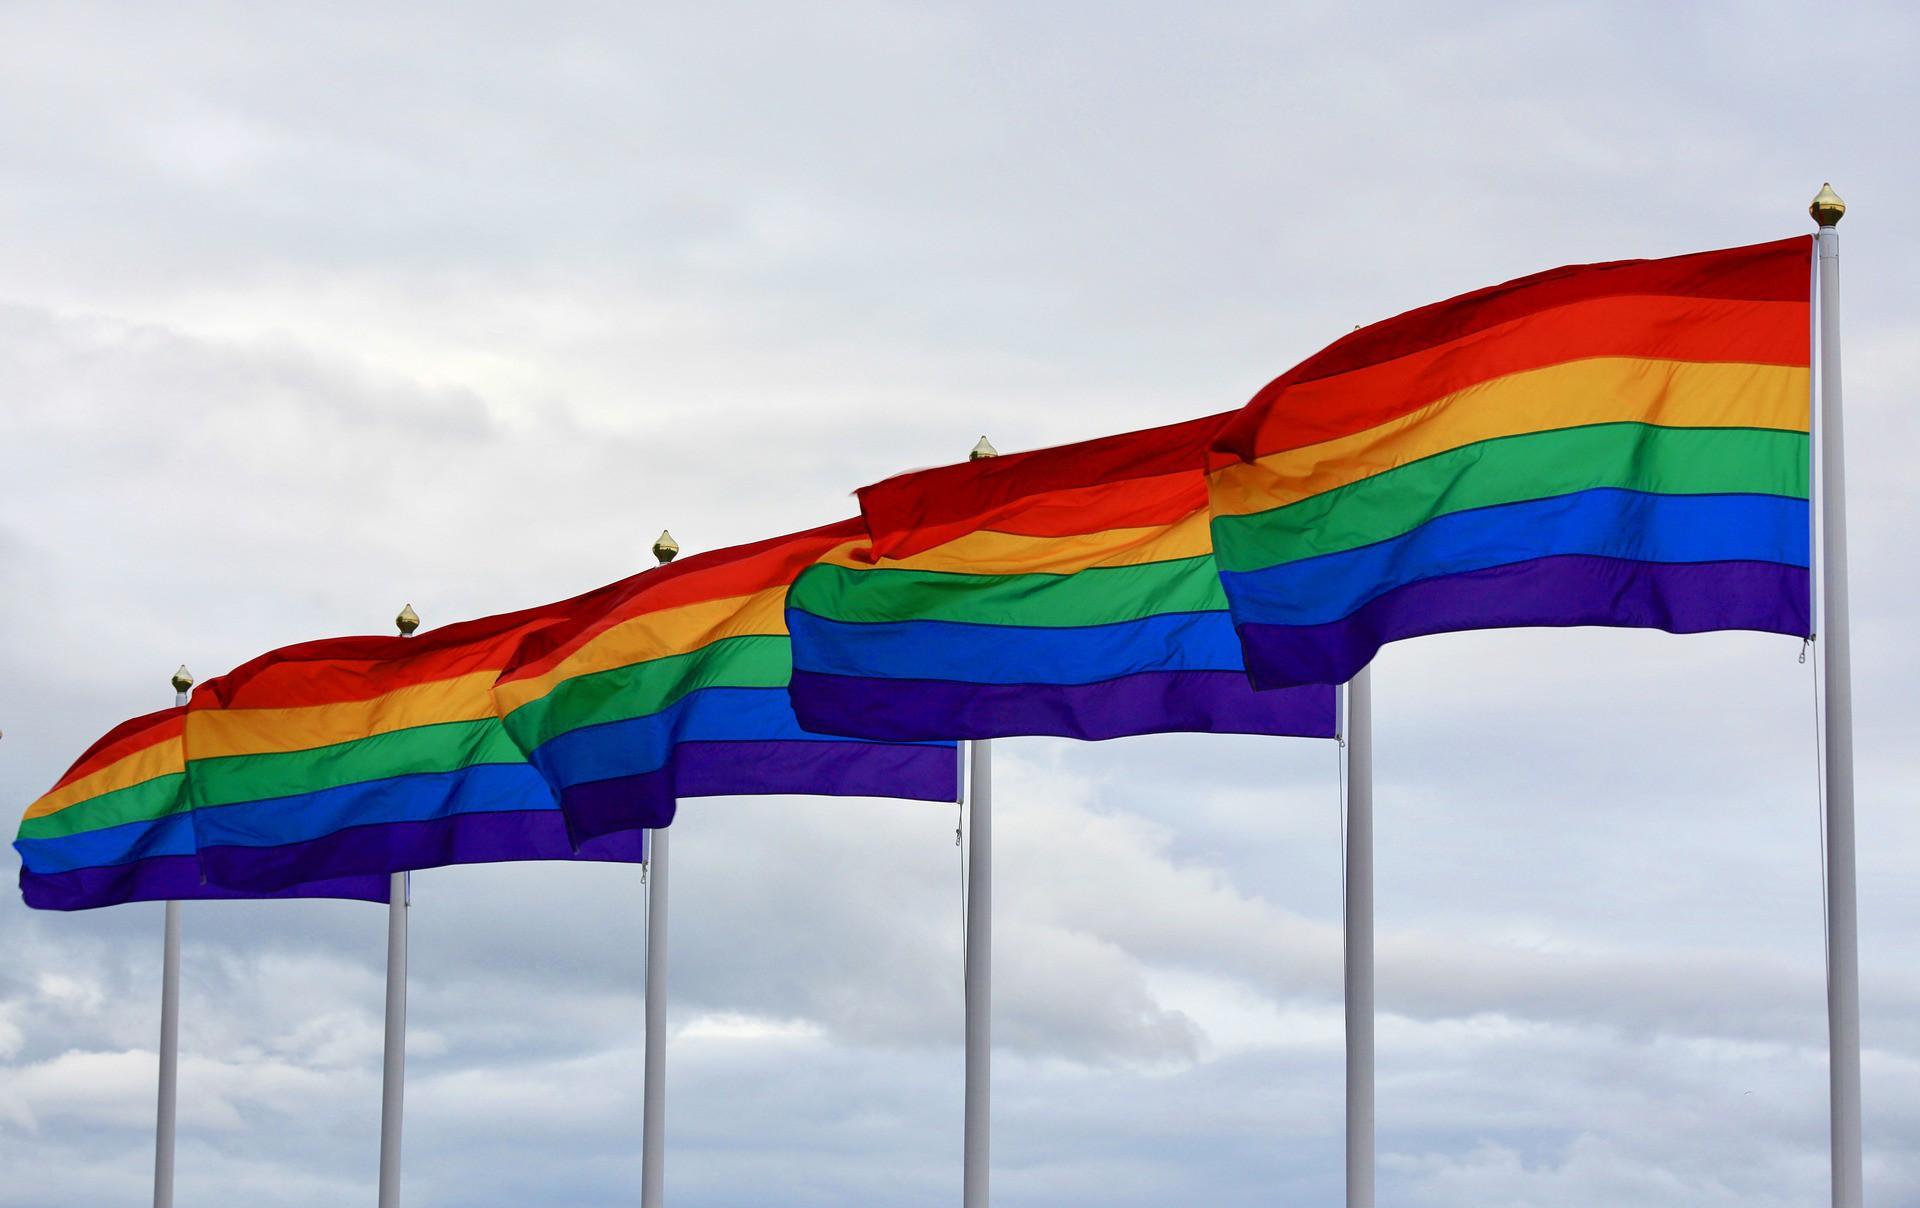 Não é o LGBT que se afasta dos estádios, é o ambiente homofóbico que o afasta